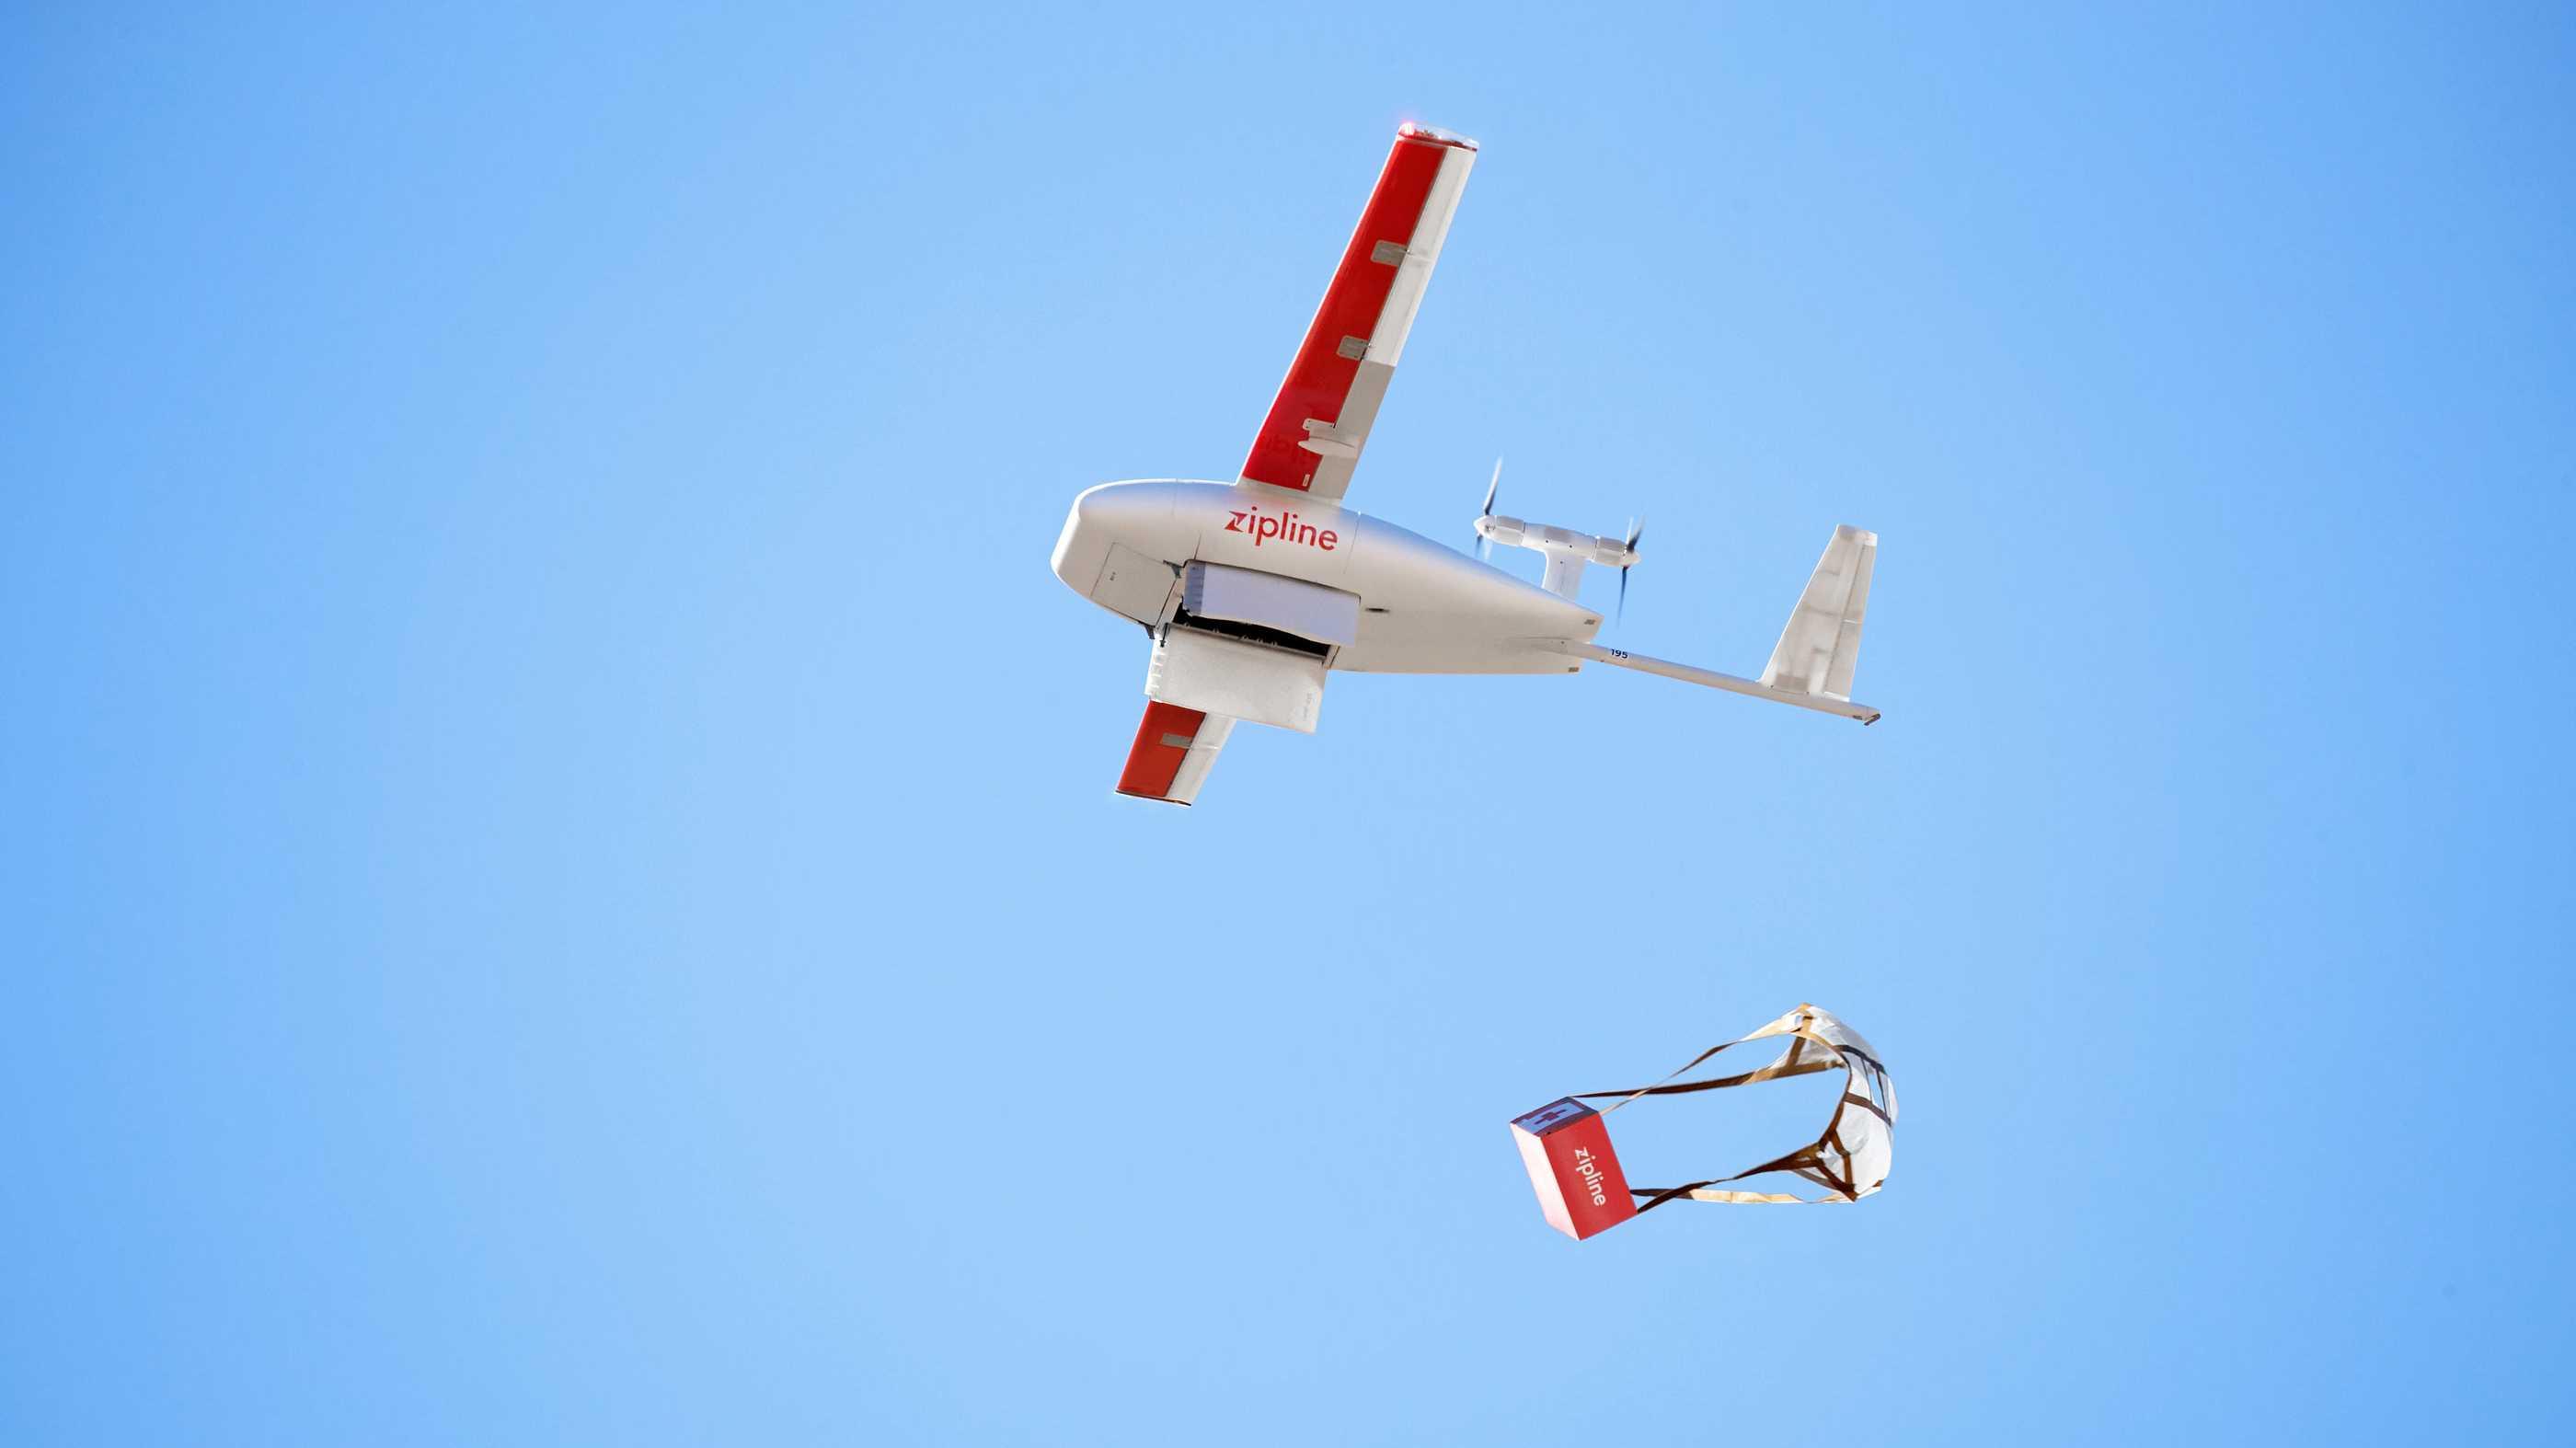 Hilfe aus der Luft: Drohnen in Ghana bringen lebensrettende Medizin